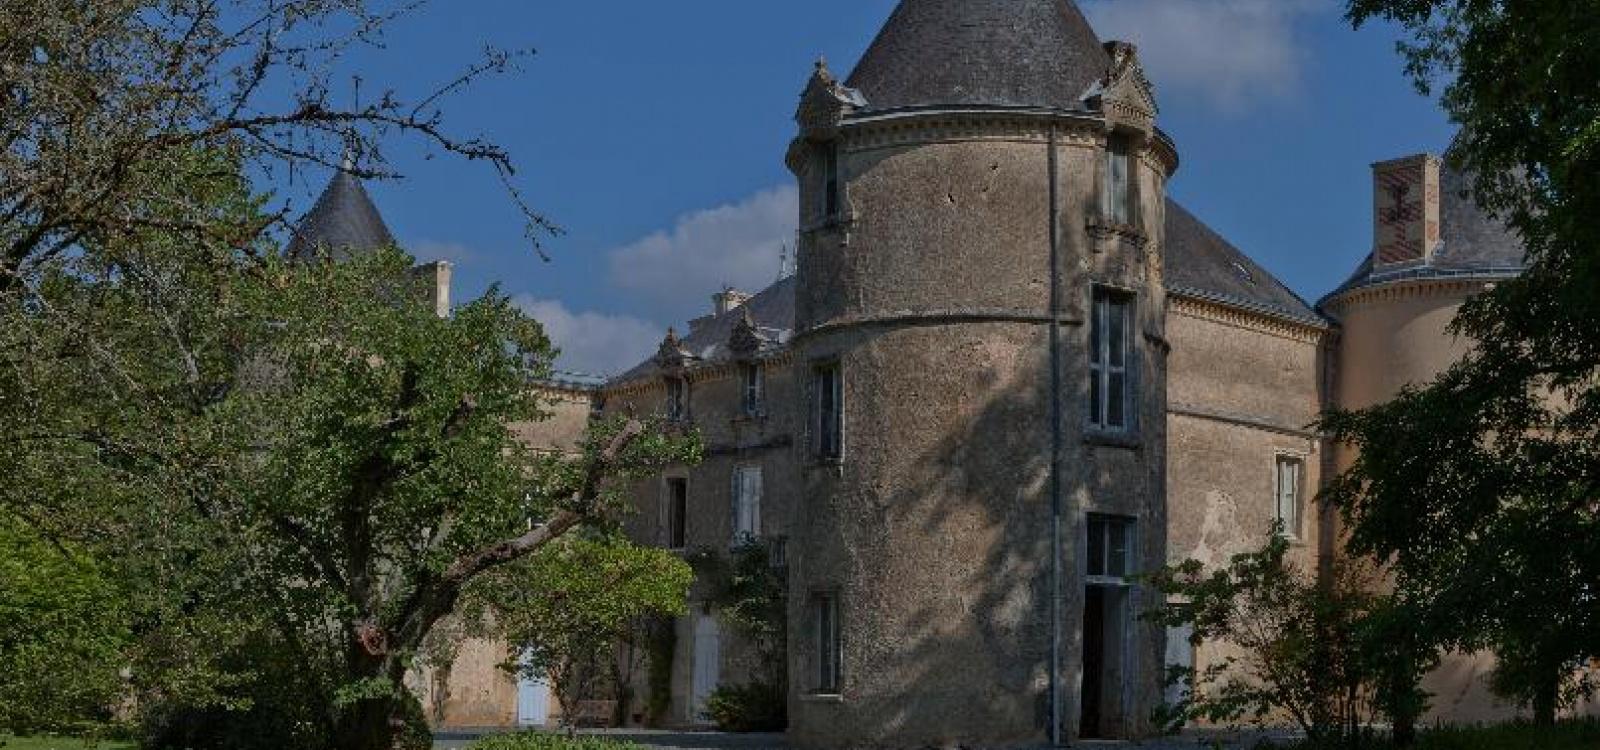 Vendée,France,Château,1029